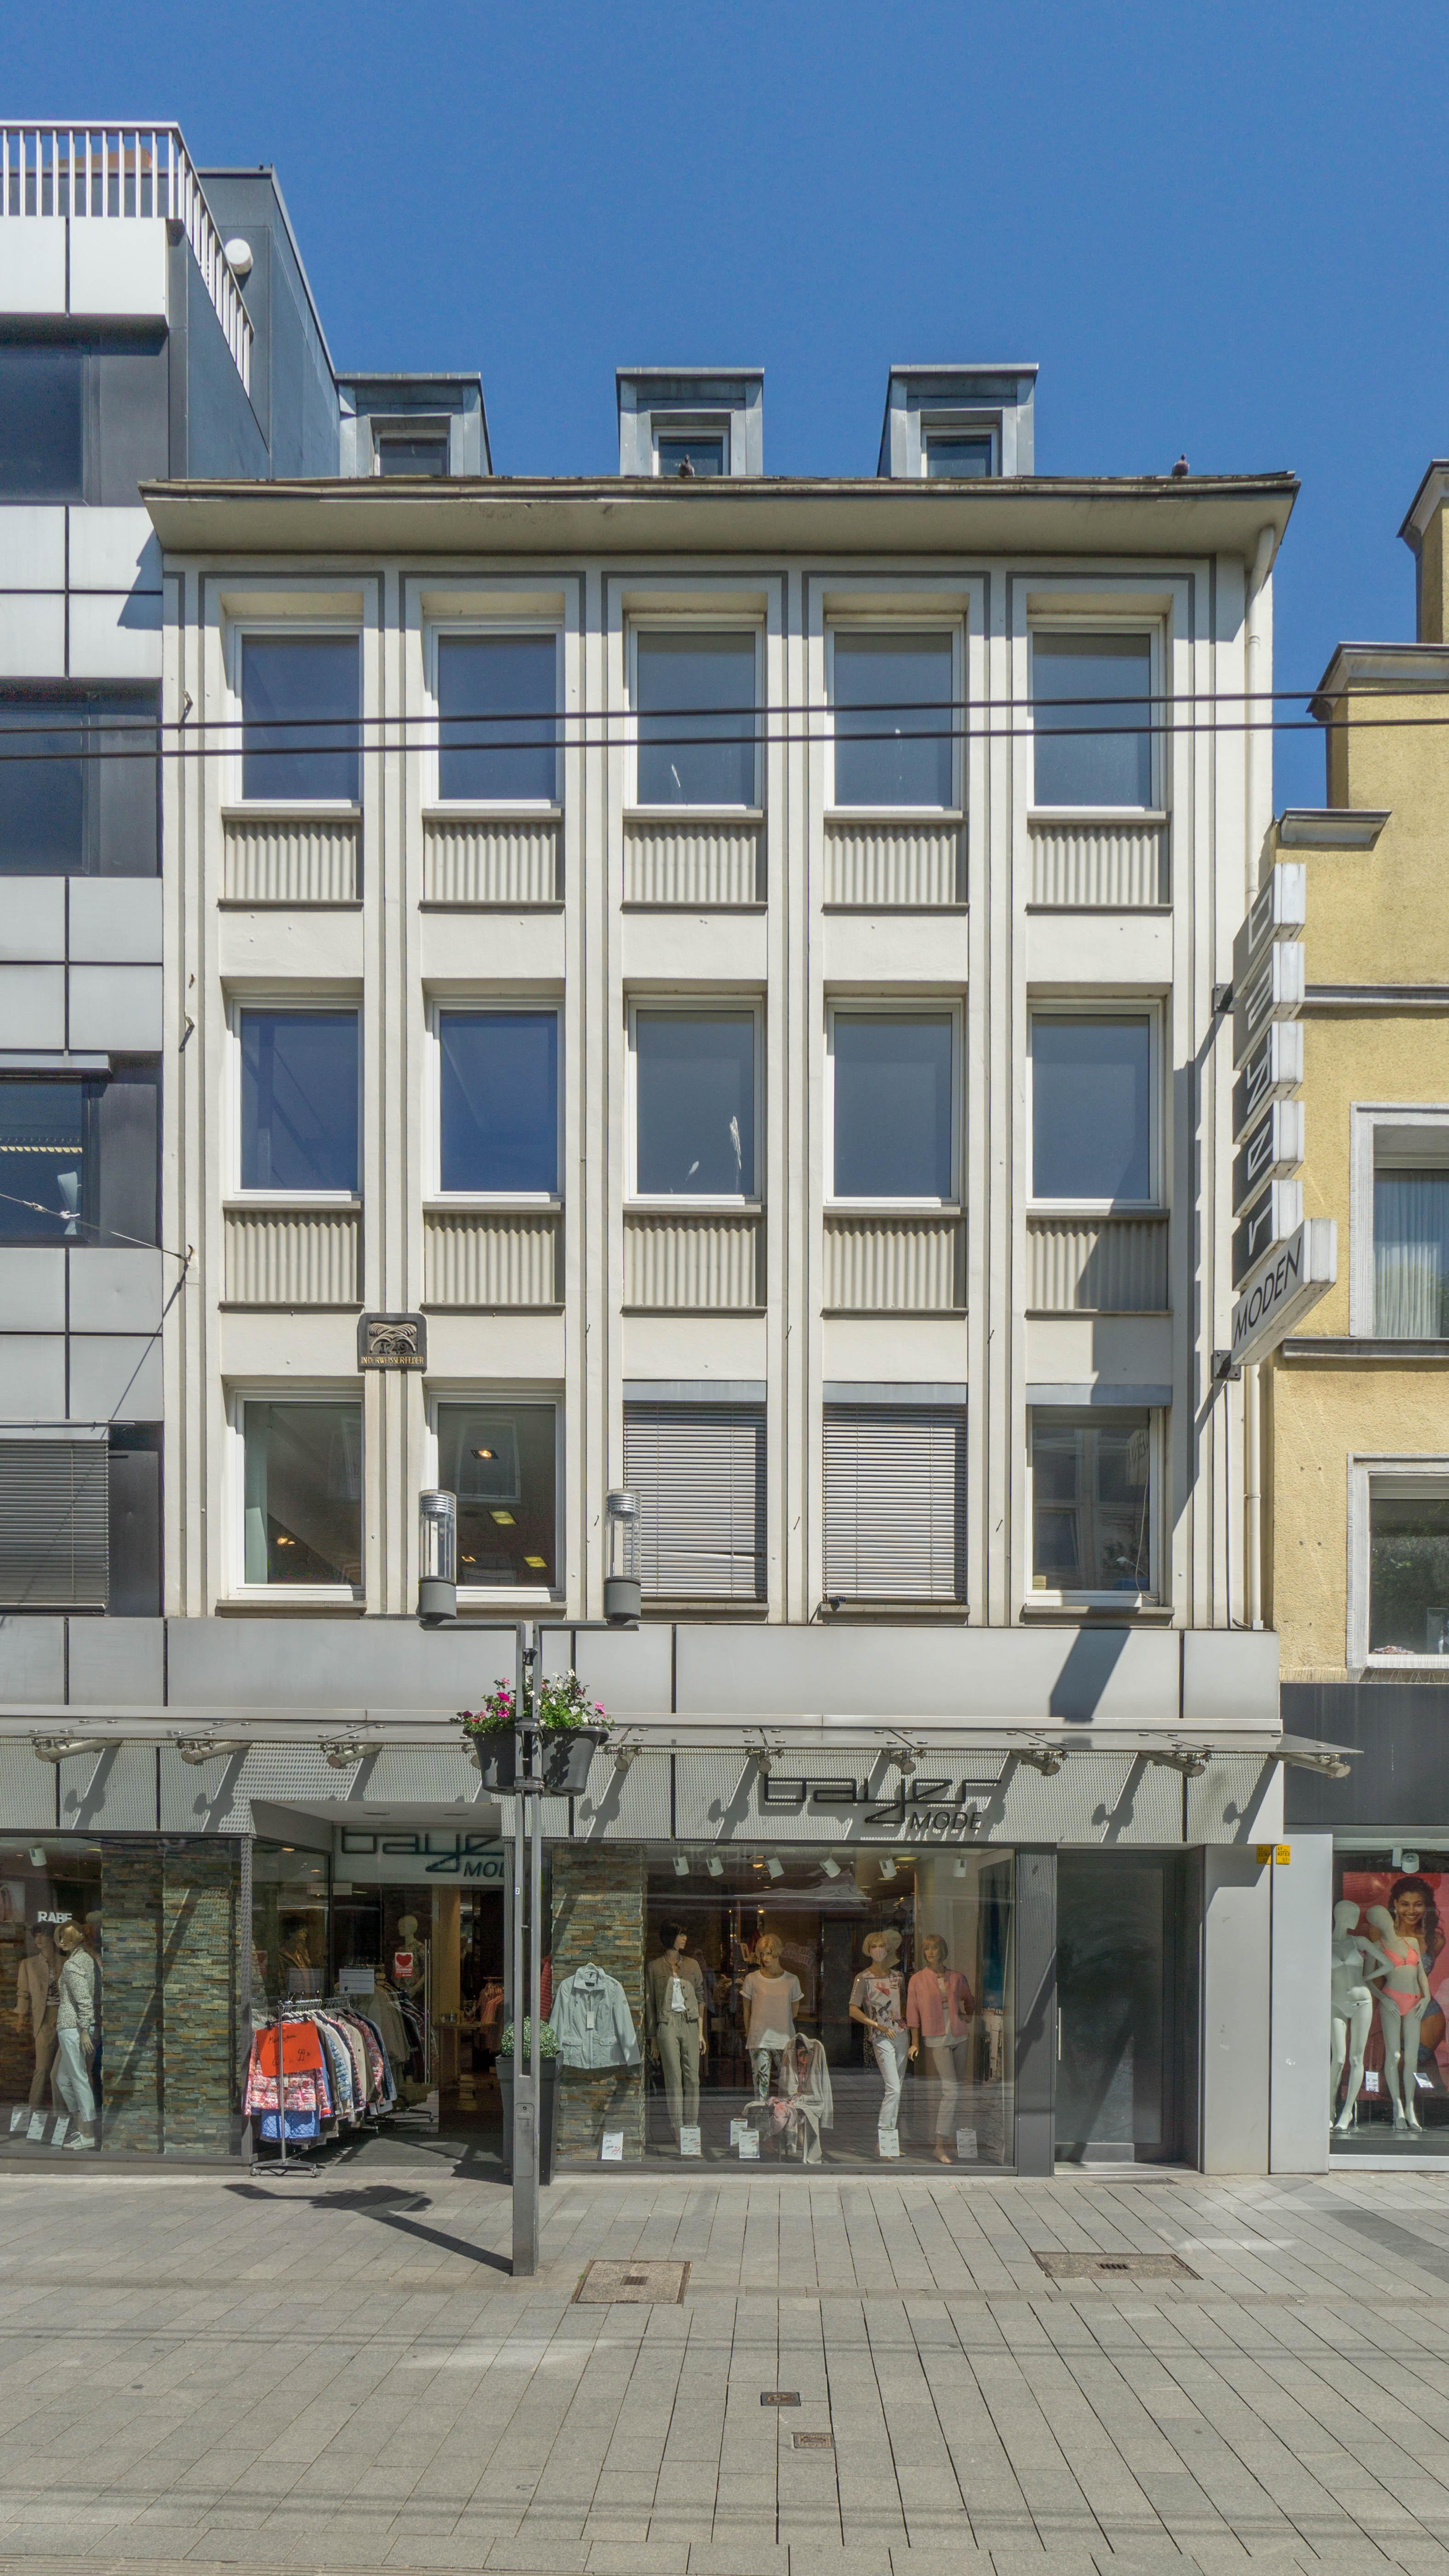 1A Lage in Neuss - Leerstehendes Wohn-/Geschäftshaus auf Einkaufsstraße in bester Gesellschaft